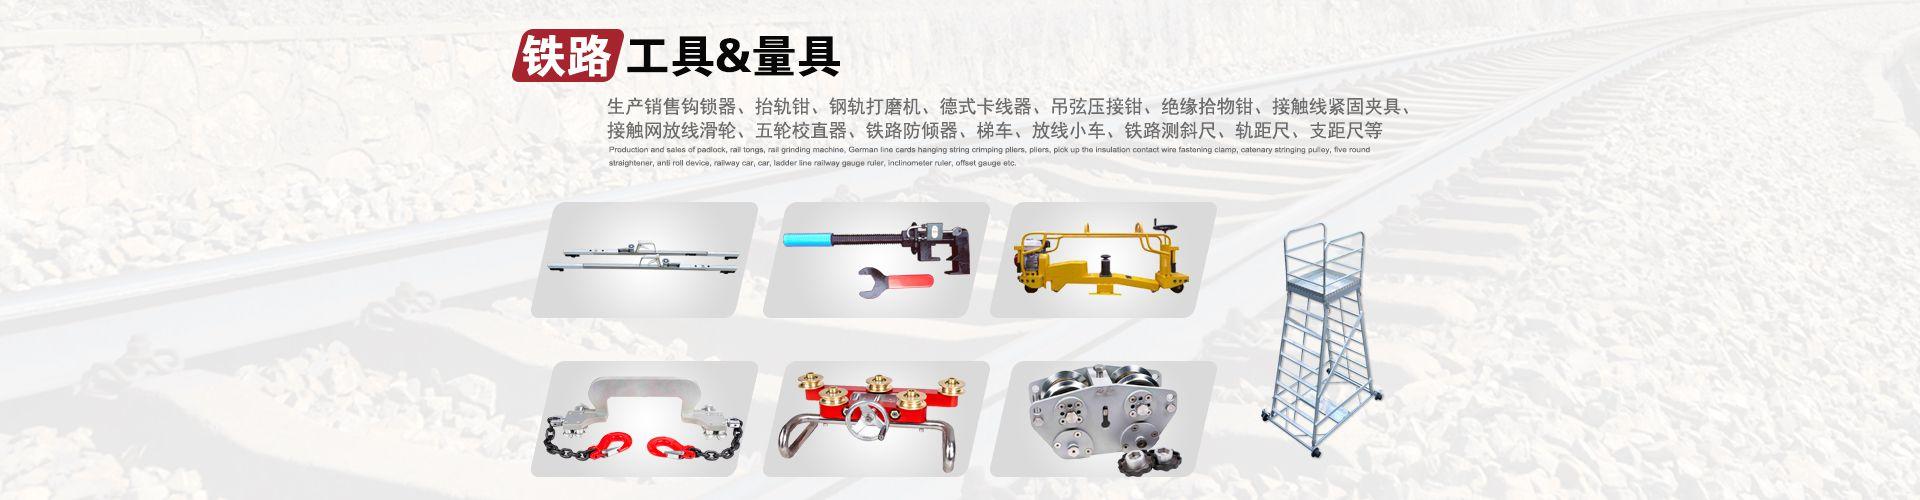 霸州市康仙庄卓远电力器材销售部